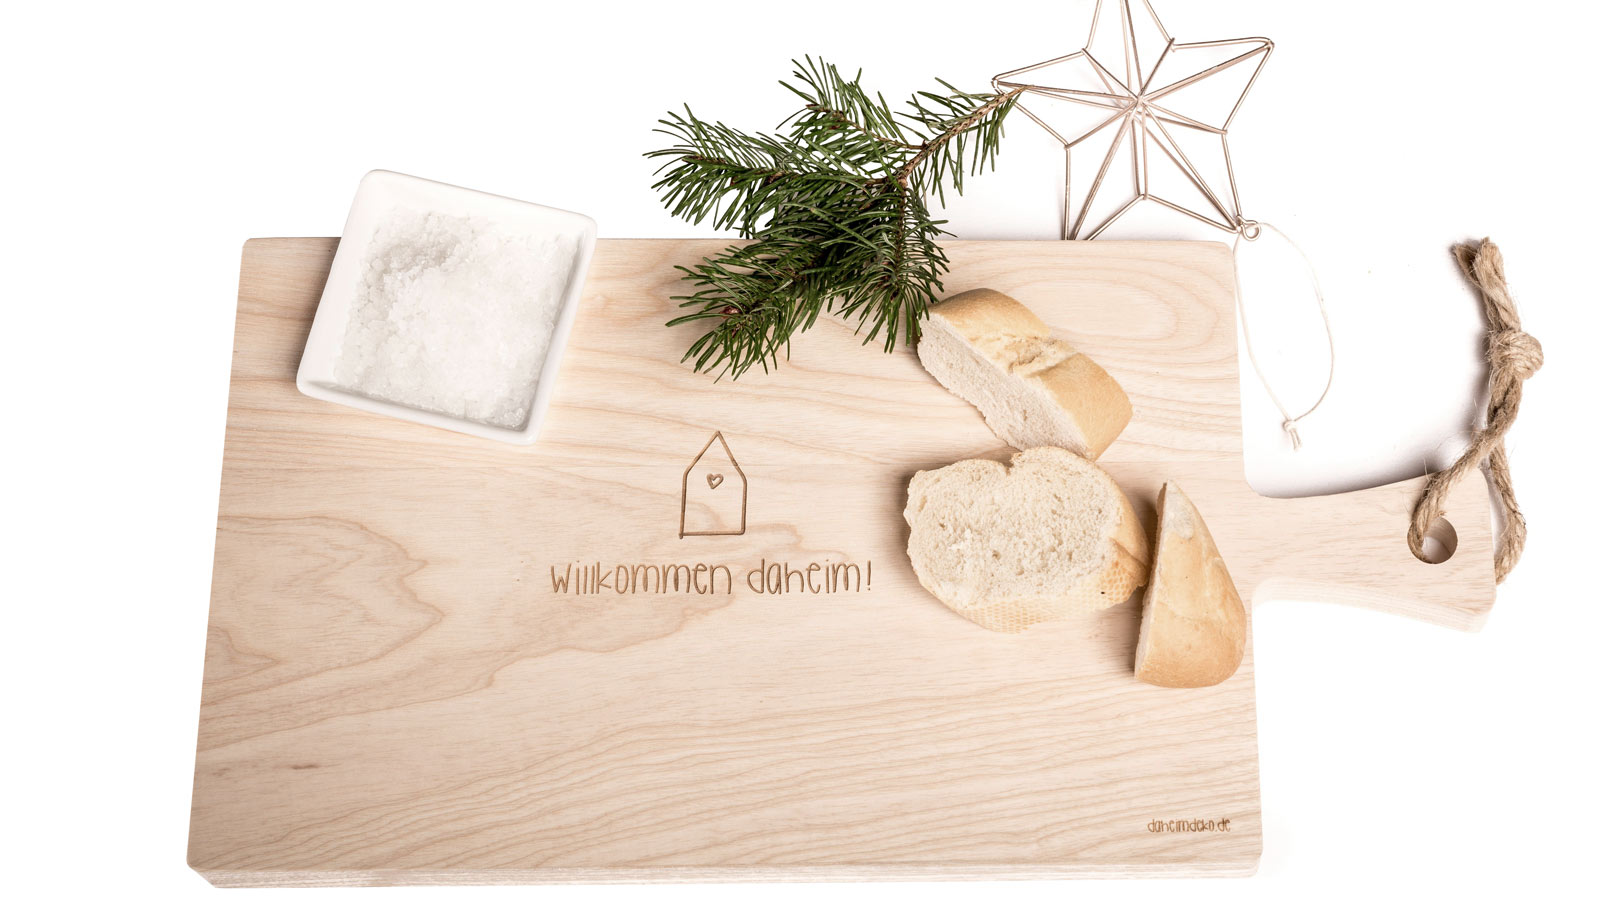 Schneidebrett Geschenk zum Einzug Willkommen daheim